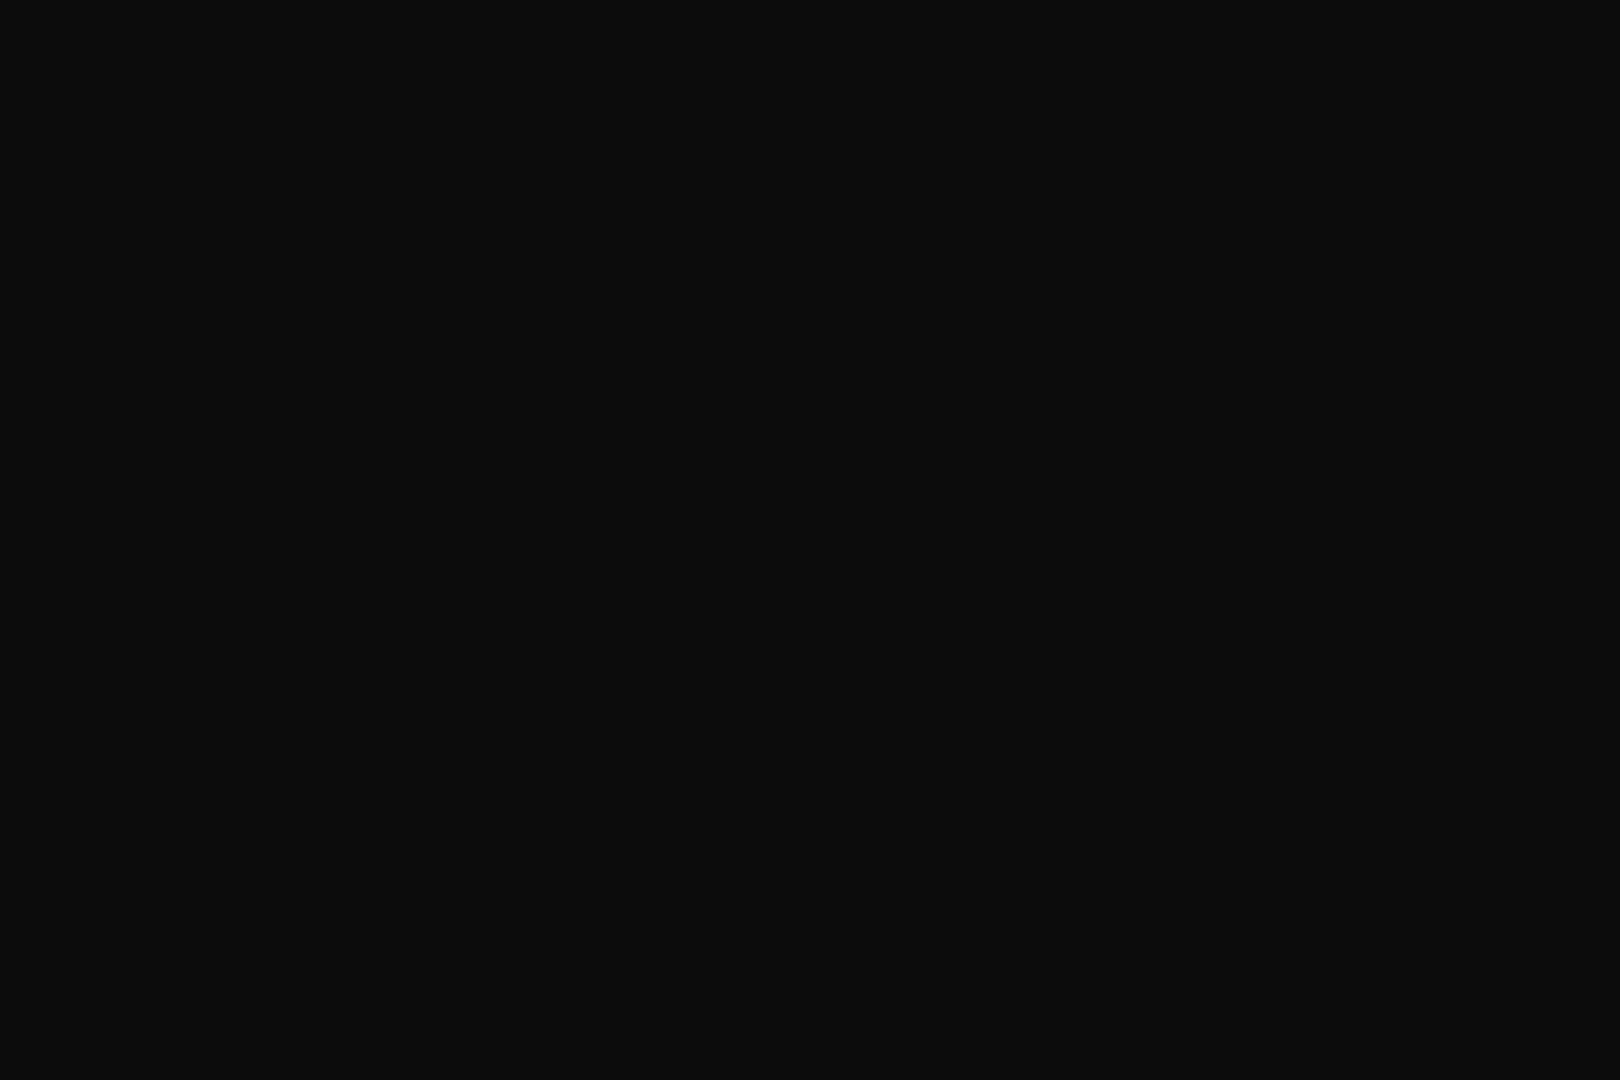 充血監督の深夜の運動会Vol.122 おまんこ娘 オメコ動画キャプチャ 61連発 6